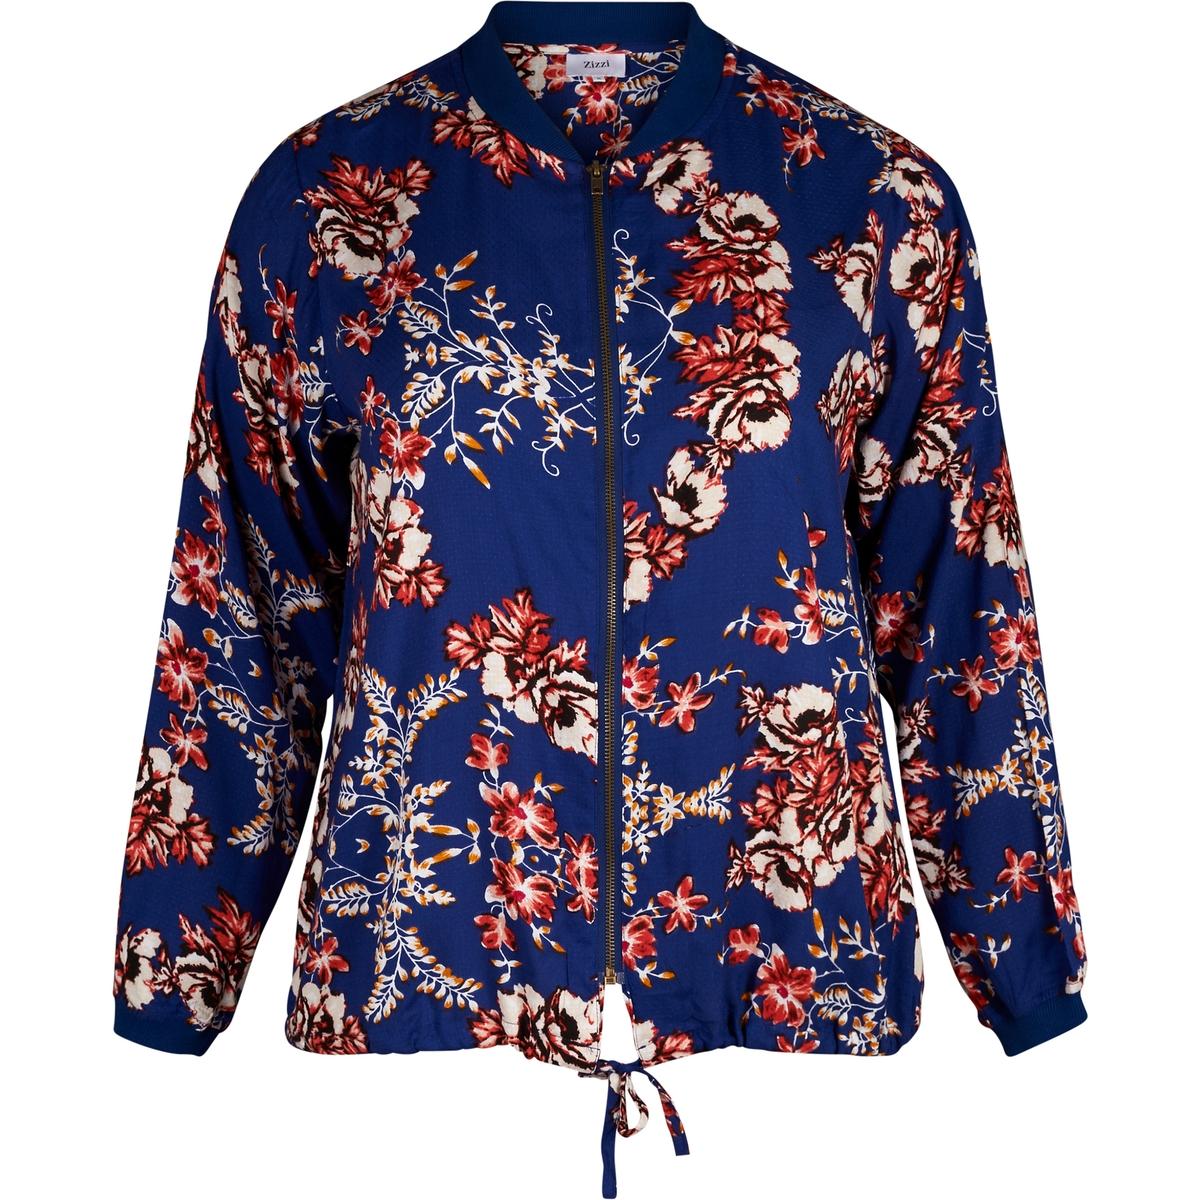 Куртка-бомбер свободного покрояОписание:Детали •  Бомбер •  Покрой бойфренд, свободный •  Воротник-поло, рубашечный  •  Рисунок-принтСостав и уход •  100% вискоза •  Следуйте советам по уходу, указанным на этикеткеТовар из коллекции больших размеров<br><br>Цвет: набивной рисунок